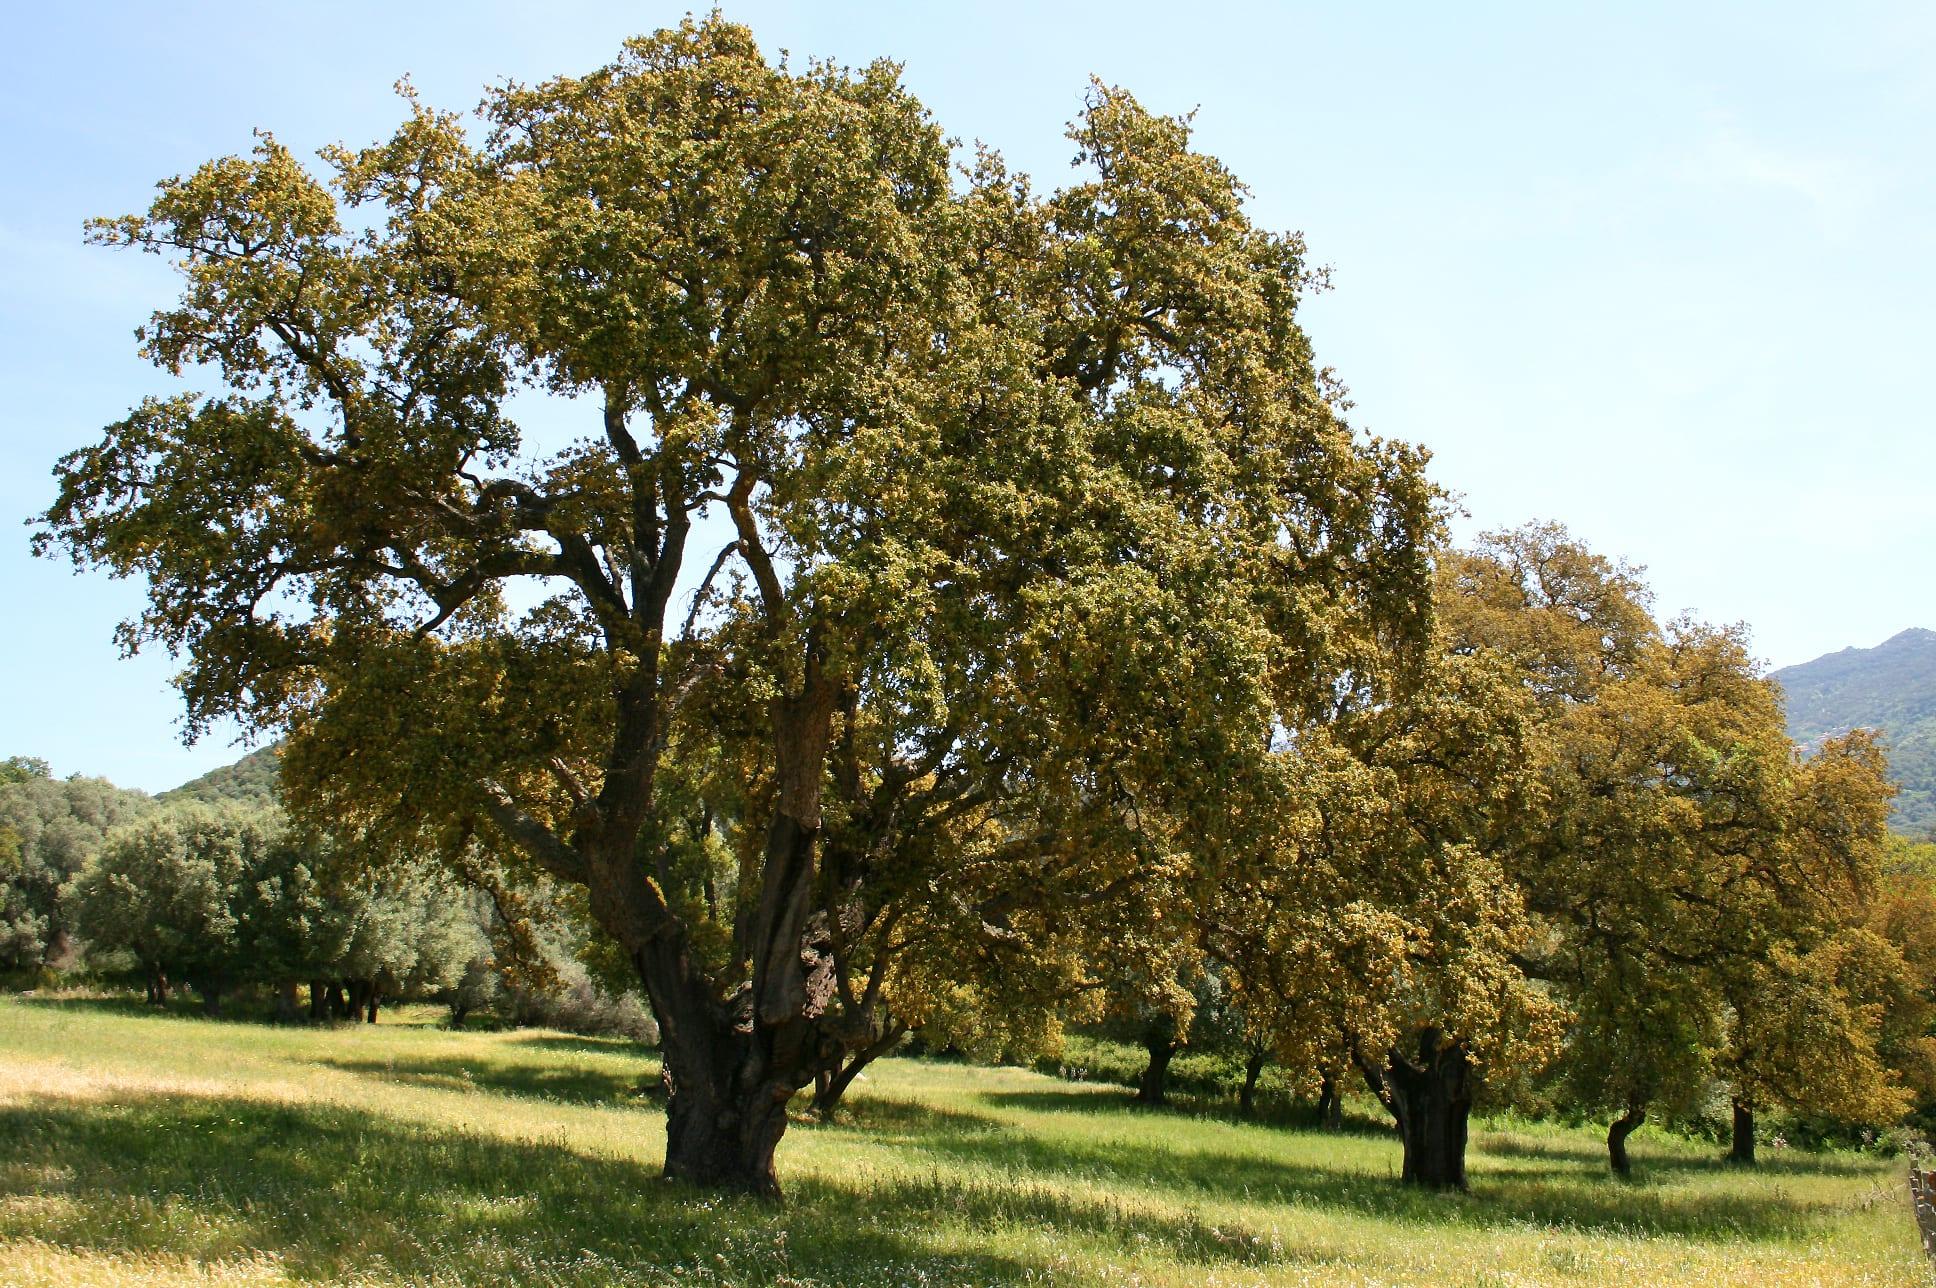 Vista de un magnífico ejemplar de alcornoque o Quercus suber